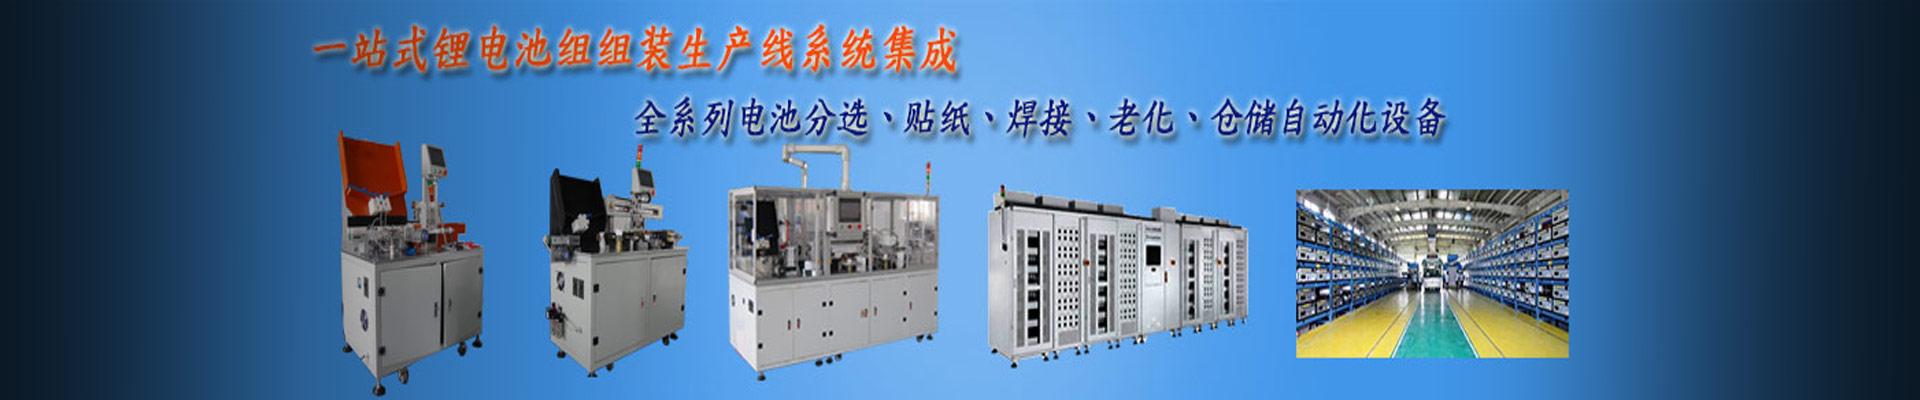 深圳汽车电池自动焊机厂家,价格要多少?